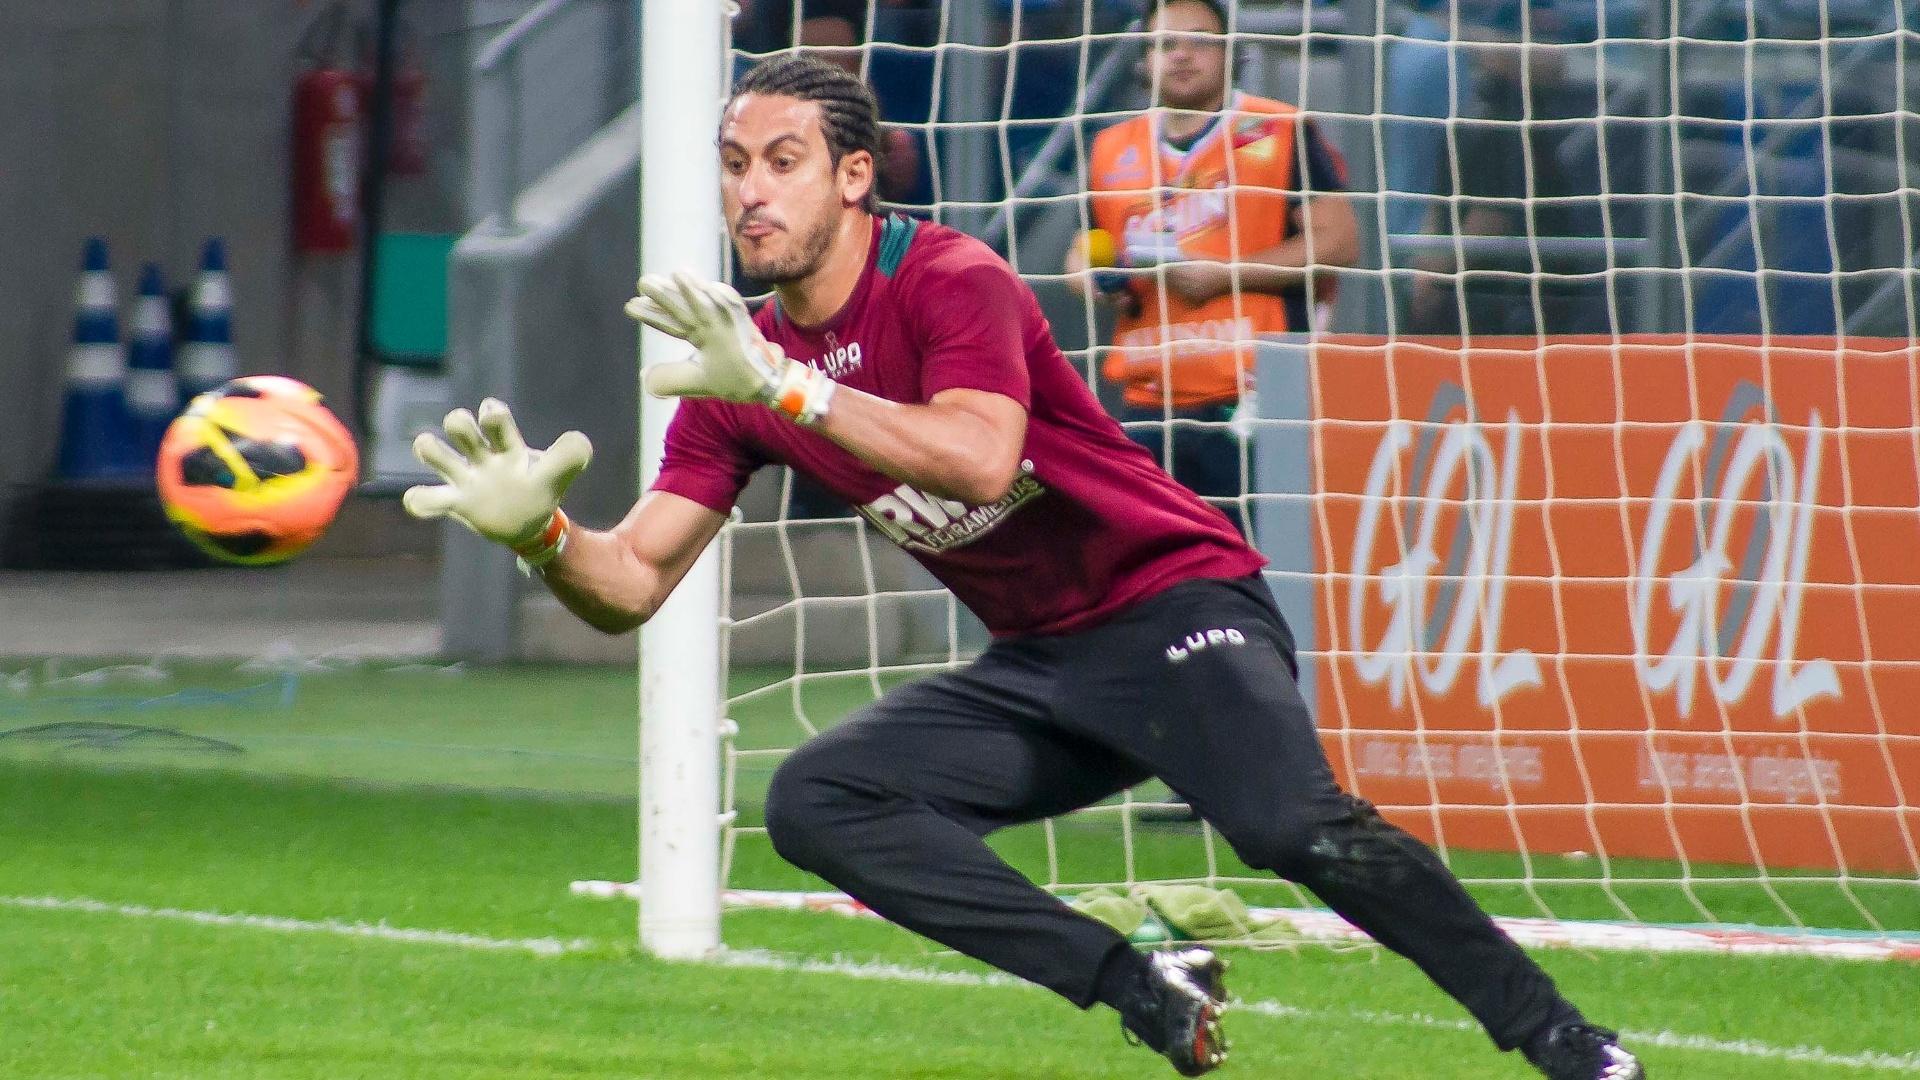 Goleiro Lauro faz uma defesa antes de uma partida da Portuguesa